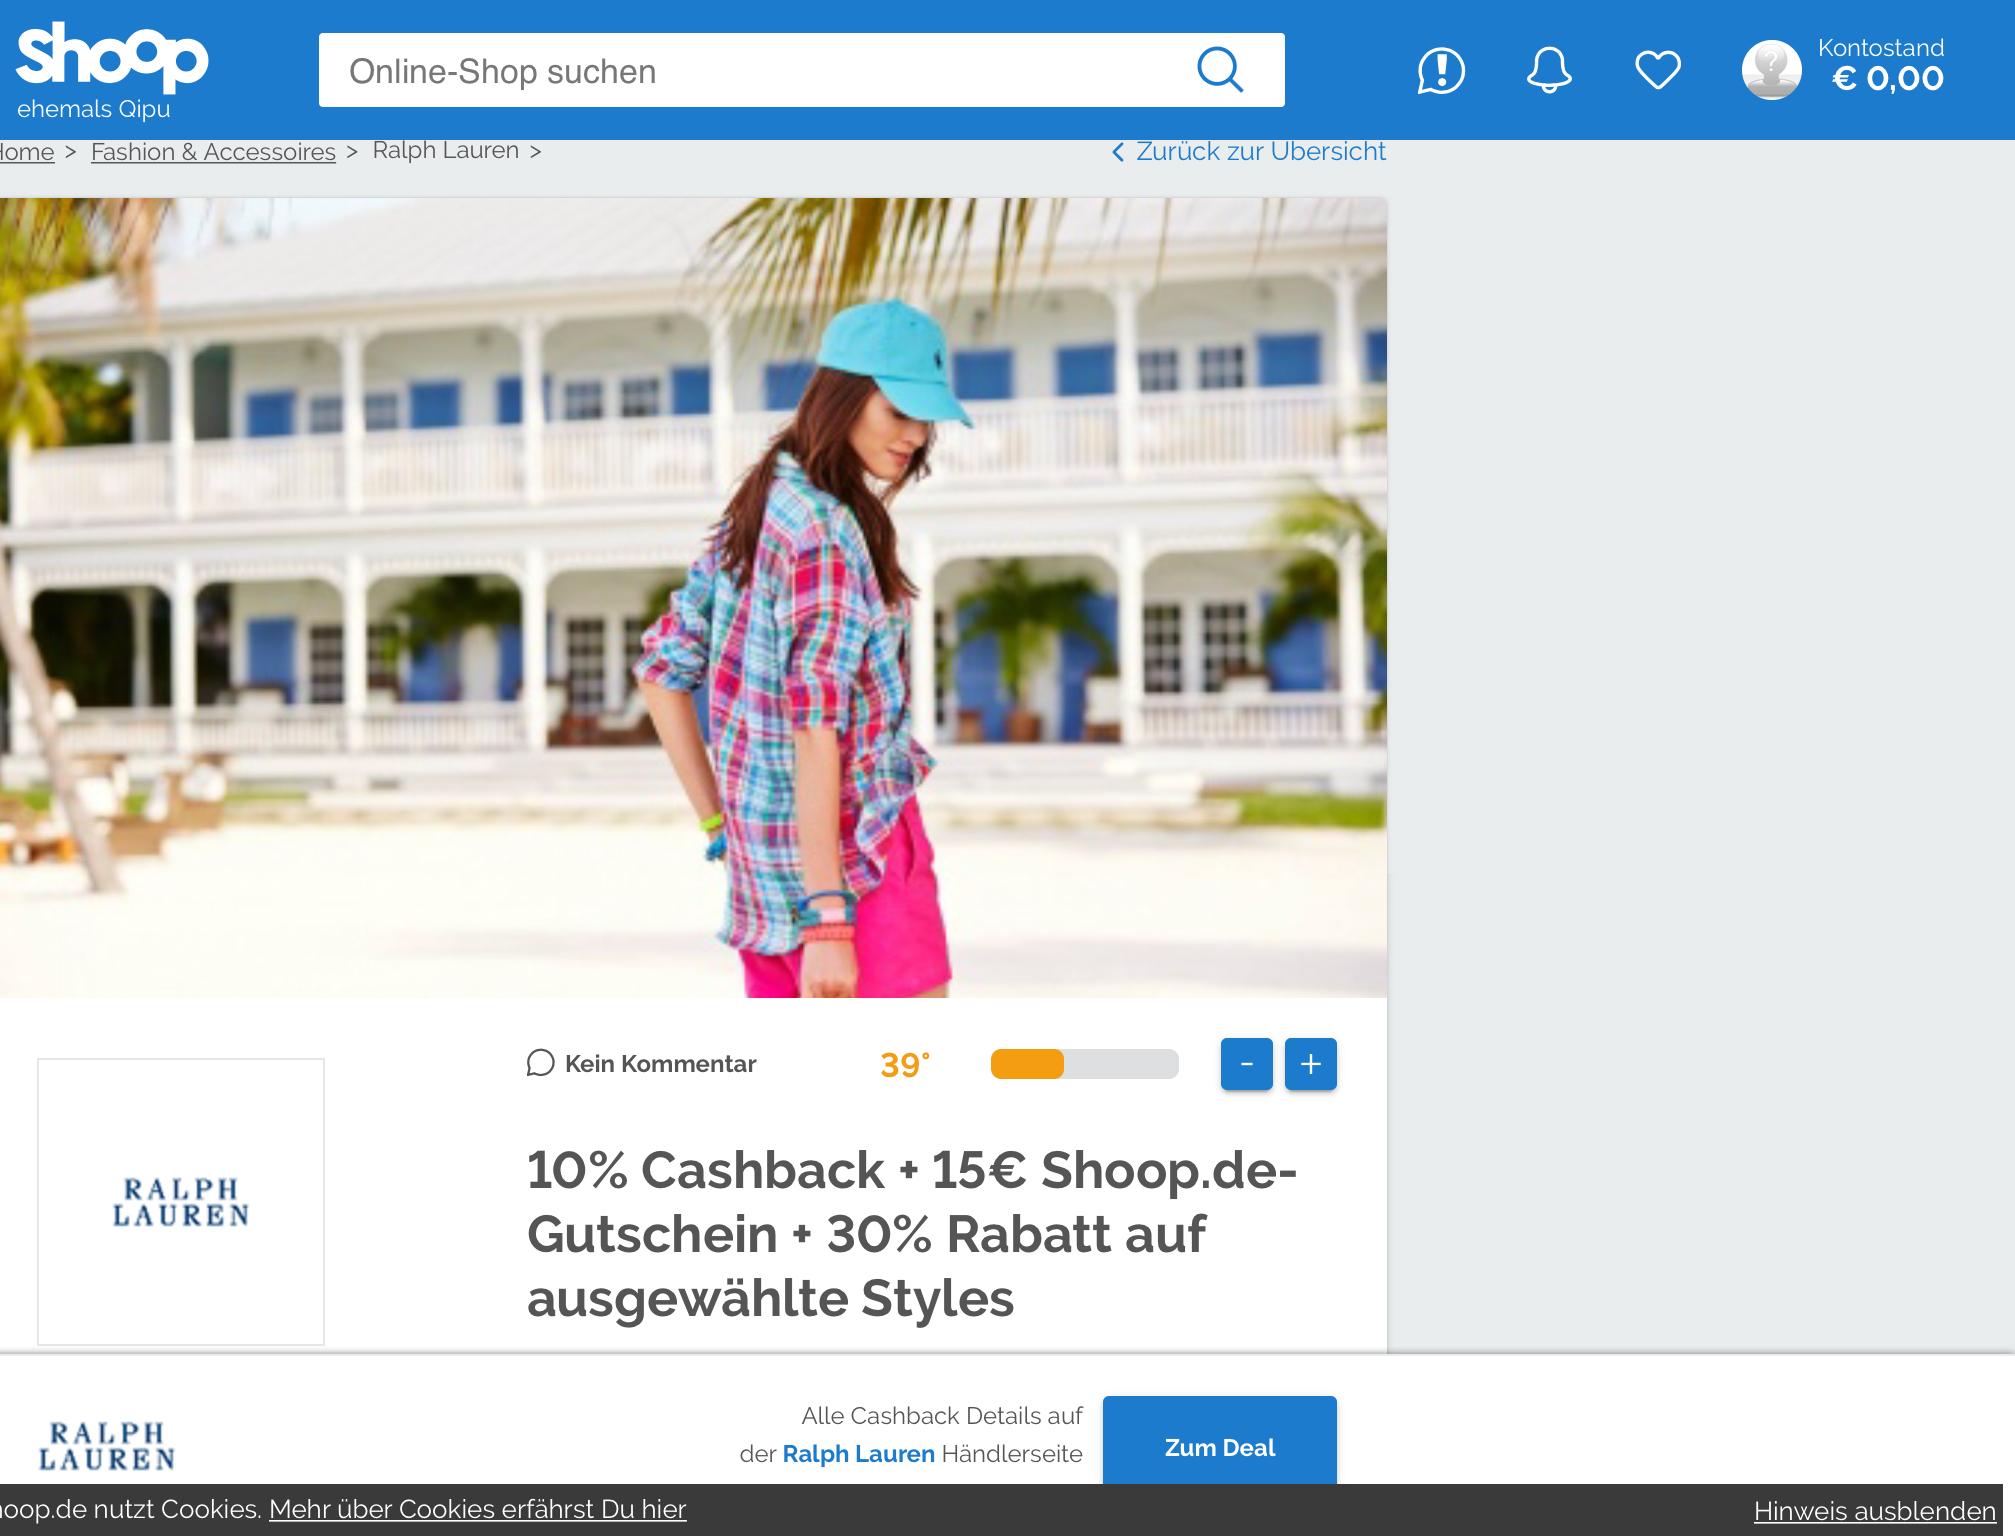 [Ralph Lauren] 10% Cashback UND Gutschein €15 (Mbw 19) über (Shoop)